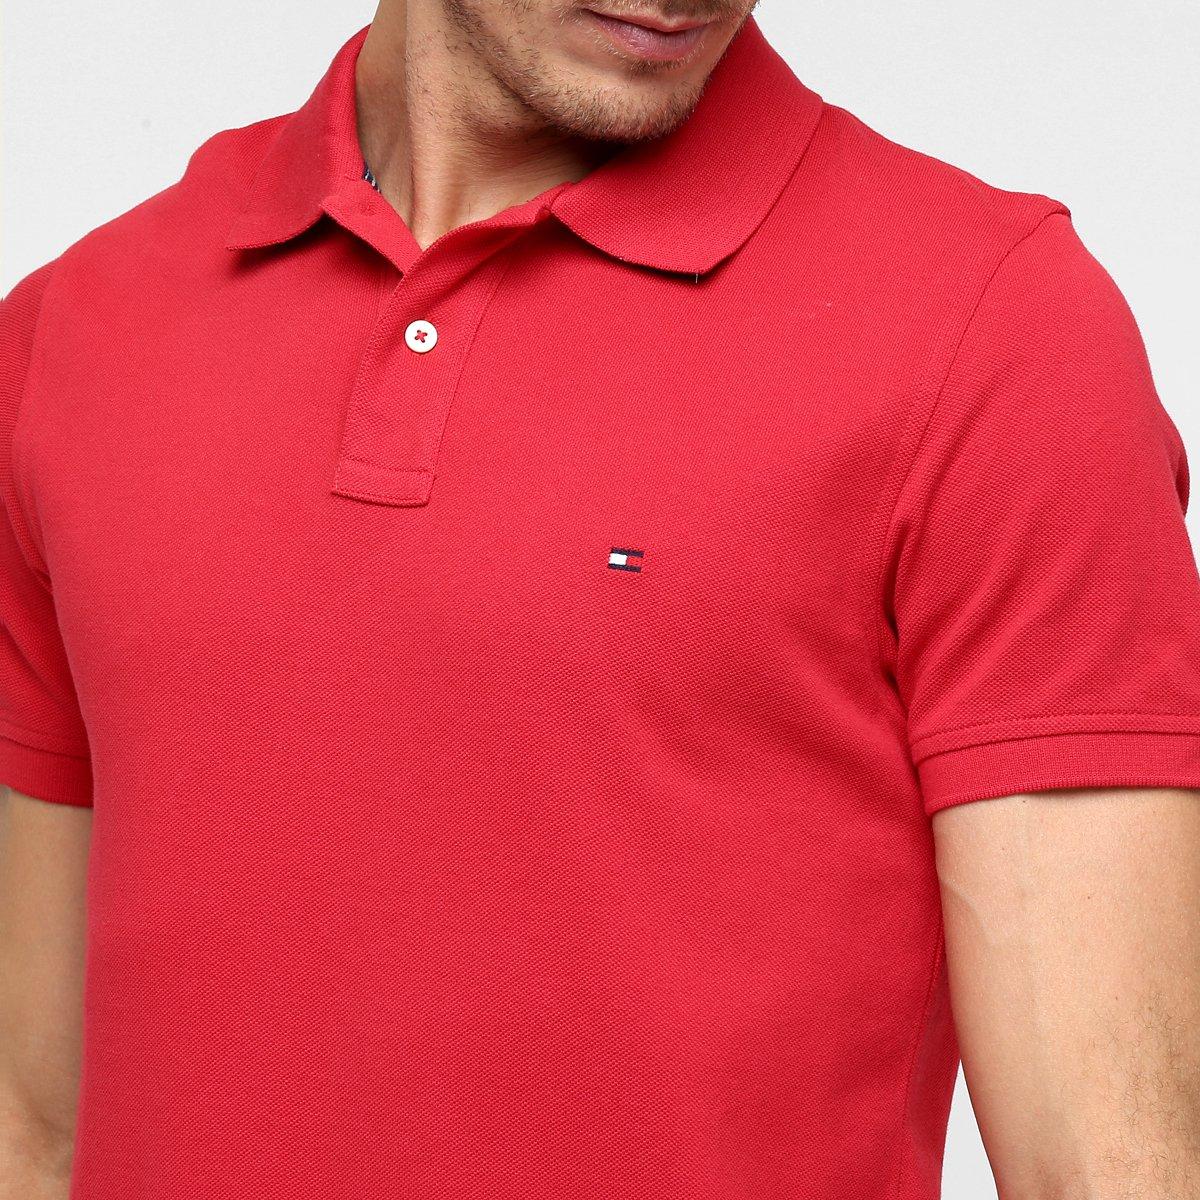 e8ceafdb4a Camisa Polo Tommy Hilfiger Piquet Slim - Compre Agora